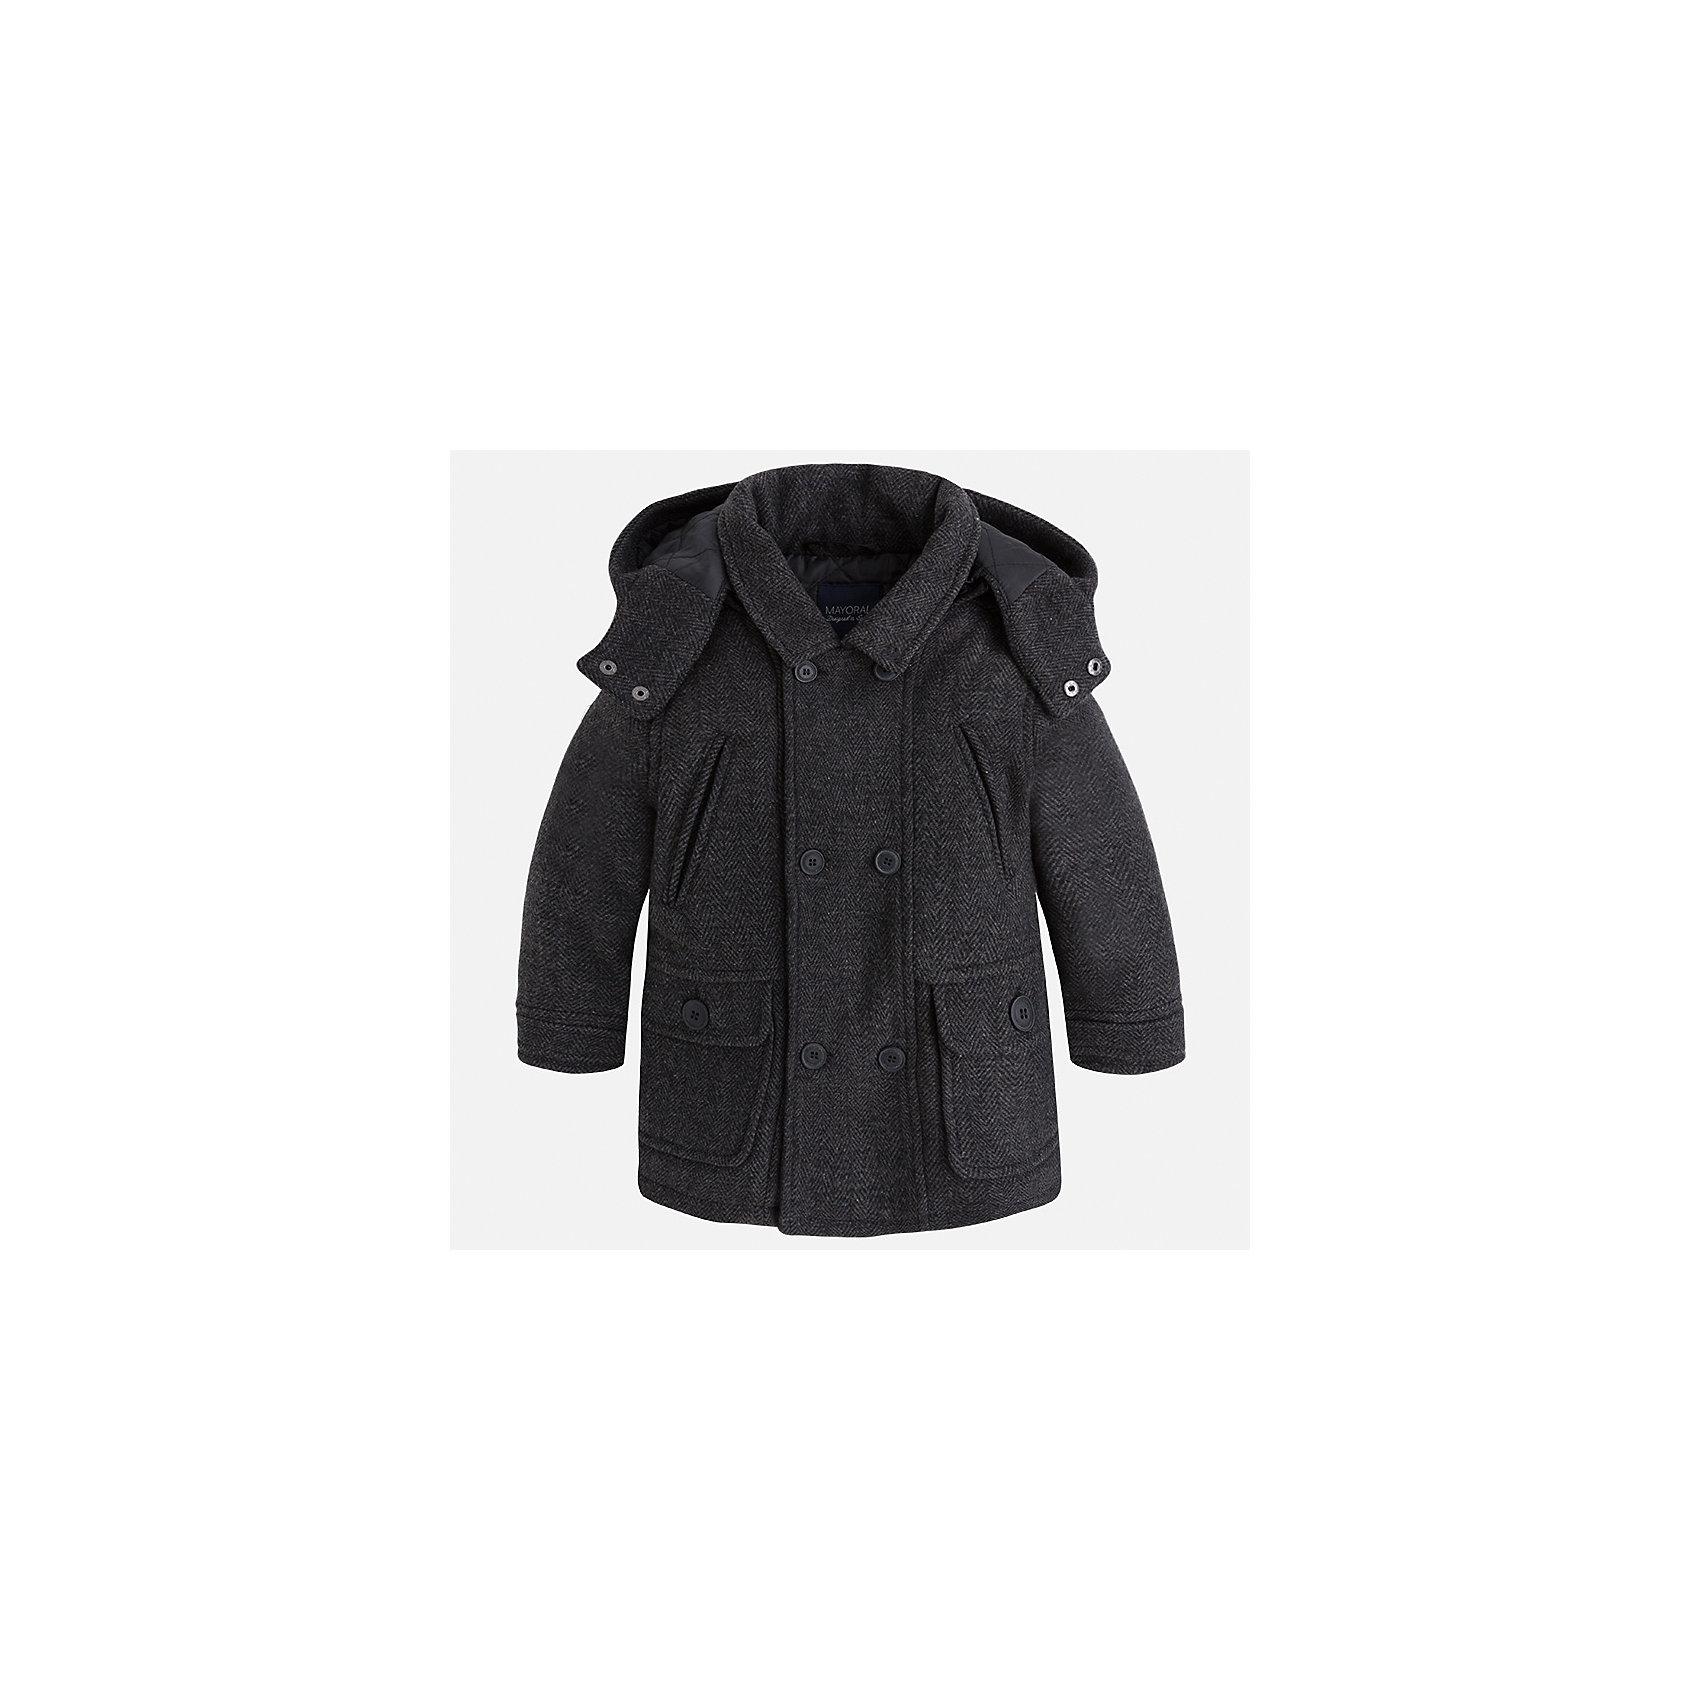 Куртка для мальчика MayoralДемисезонные куртки<br>Характеристики товара:<br><br>• цвет: серый<br>• состав ткани: 44% акрил, 44% полиэстер, 4% вискоза, 3% шерсть, 3% полиамид, 2% хлопок<br>• подкладка: 100% полиэстер<br>• утеплитель: 100% полиэстер<br>• сезон: демисезон<br>• температурный режим: от -5 до +10<br>• особенности модели: с капюшоном<br>• отложной воротник<br>• застежка: пуговицы<br>• страна бренда: Испания<br>• страна изготовитель: Индия<br><br>Стильная детская куртка сделана из плотного но теплого материала. Благодаря качественной ткани детской куртки для мальчика создаются комфортные условия для тела. Серая куртка для мальчика отличается стильным продуманным дизайном.<br><br>Куртку для мальчика Mayoral (Майорал) можно купить в нашем интернет-магазине.<br><br>Ширина мм: 356<br>Глубина мм: 10<br>Высота мм: 245<br>Вес г: 519<br>Цвет: серый<br>Возраст от месяцев: 96<br>Возраст до месяцев: 108<br>Пол: Мужской<br>Возраст: Детский<br>Размер: 134,92,98,104,110,116,122,128<br>SKU: 6934742